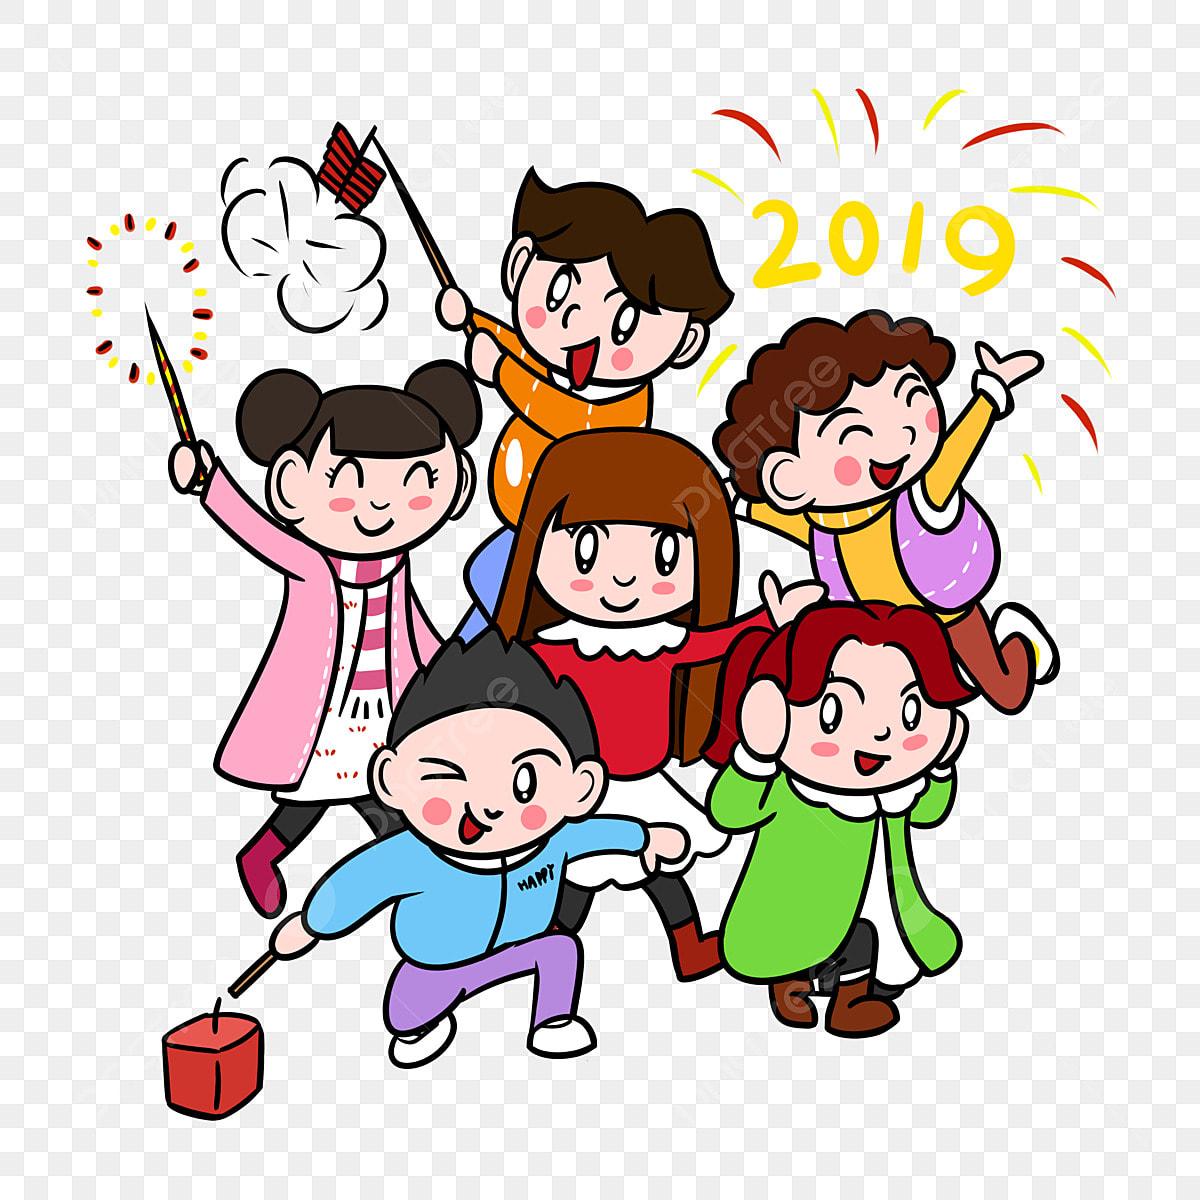 Caricatura Crianca Ano Novo 2019 Criancas Dos Desenhos Animados Longo Ano Novo Dos Desenhos Animados Imagem Png E Psd Para Download Gratuito